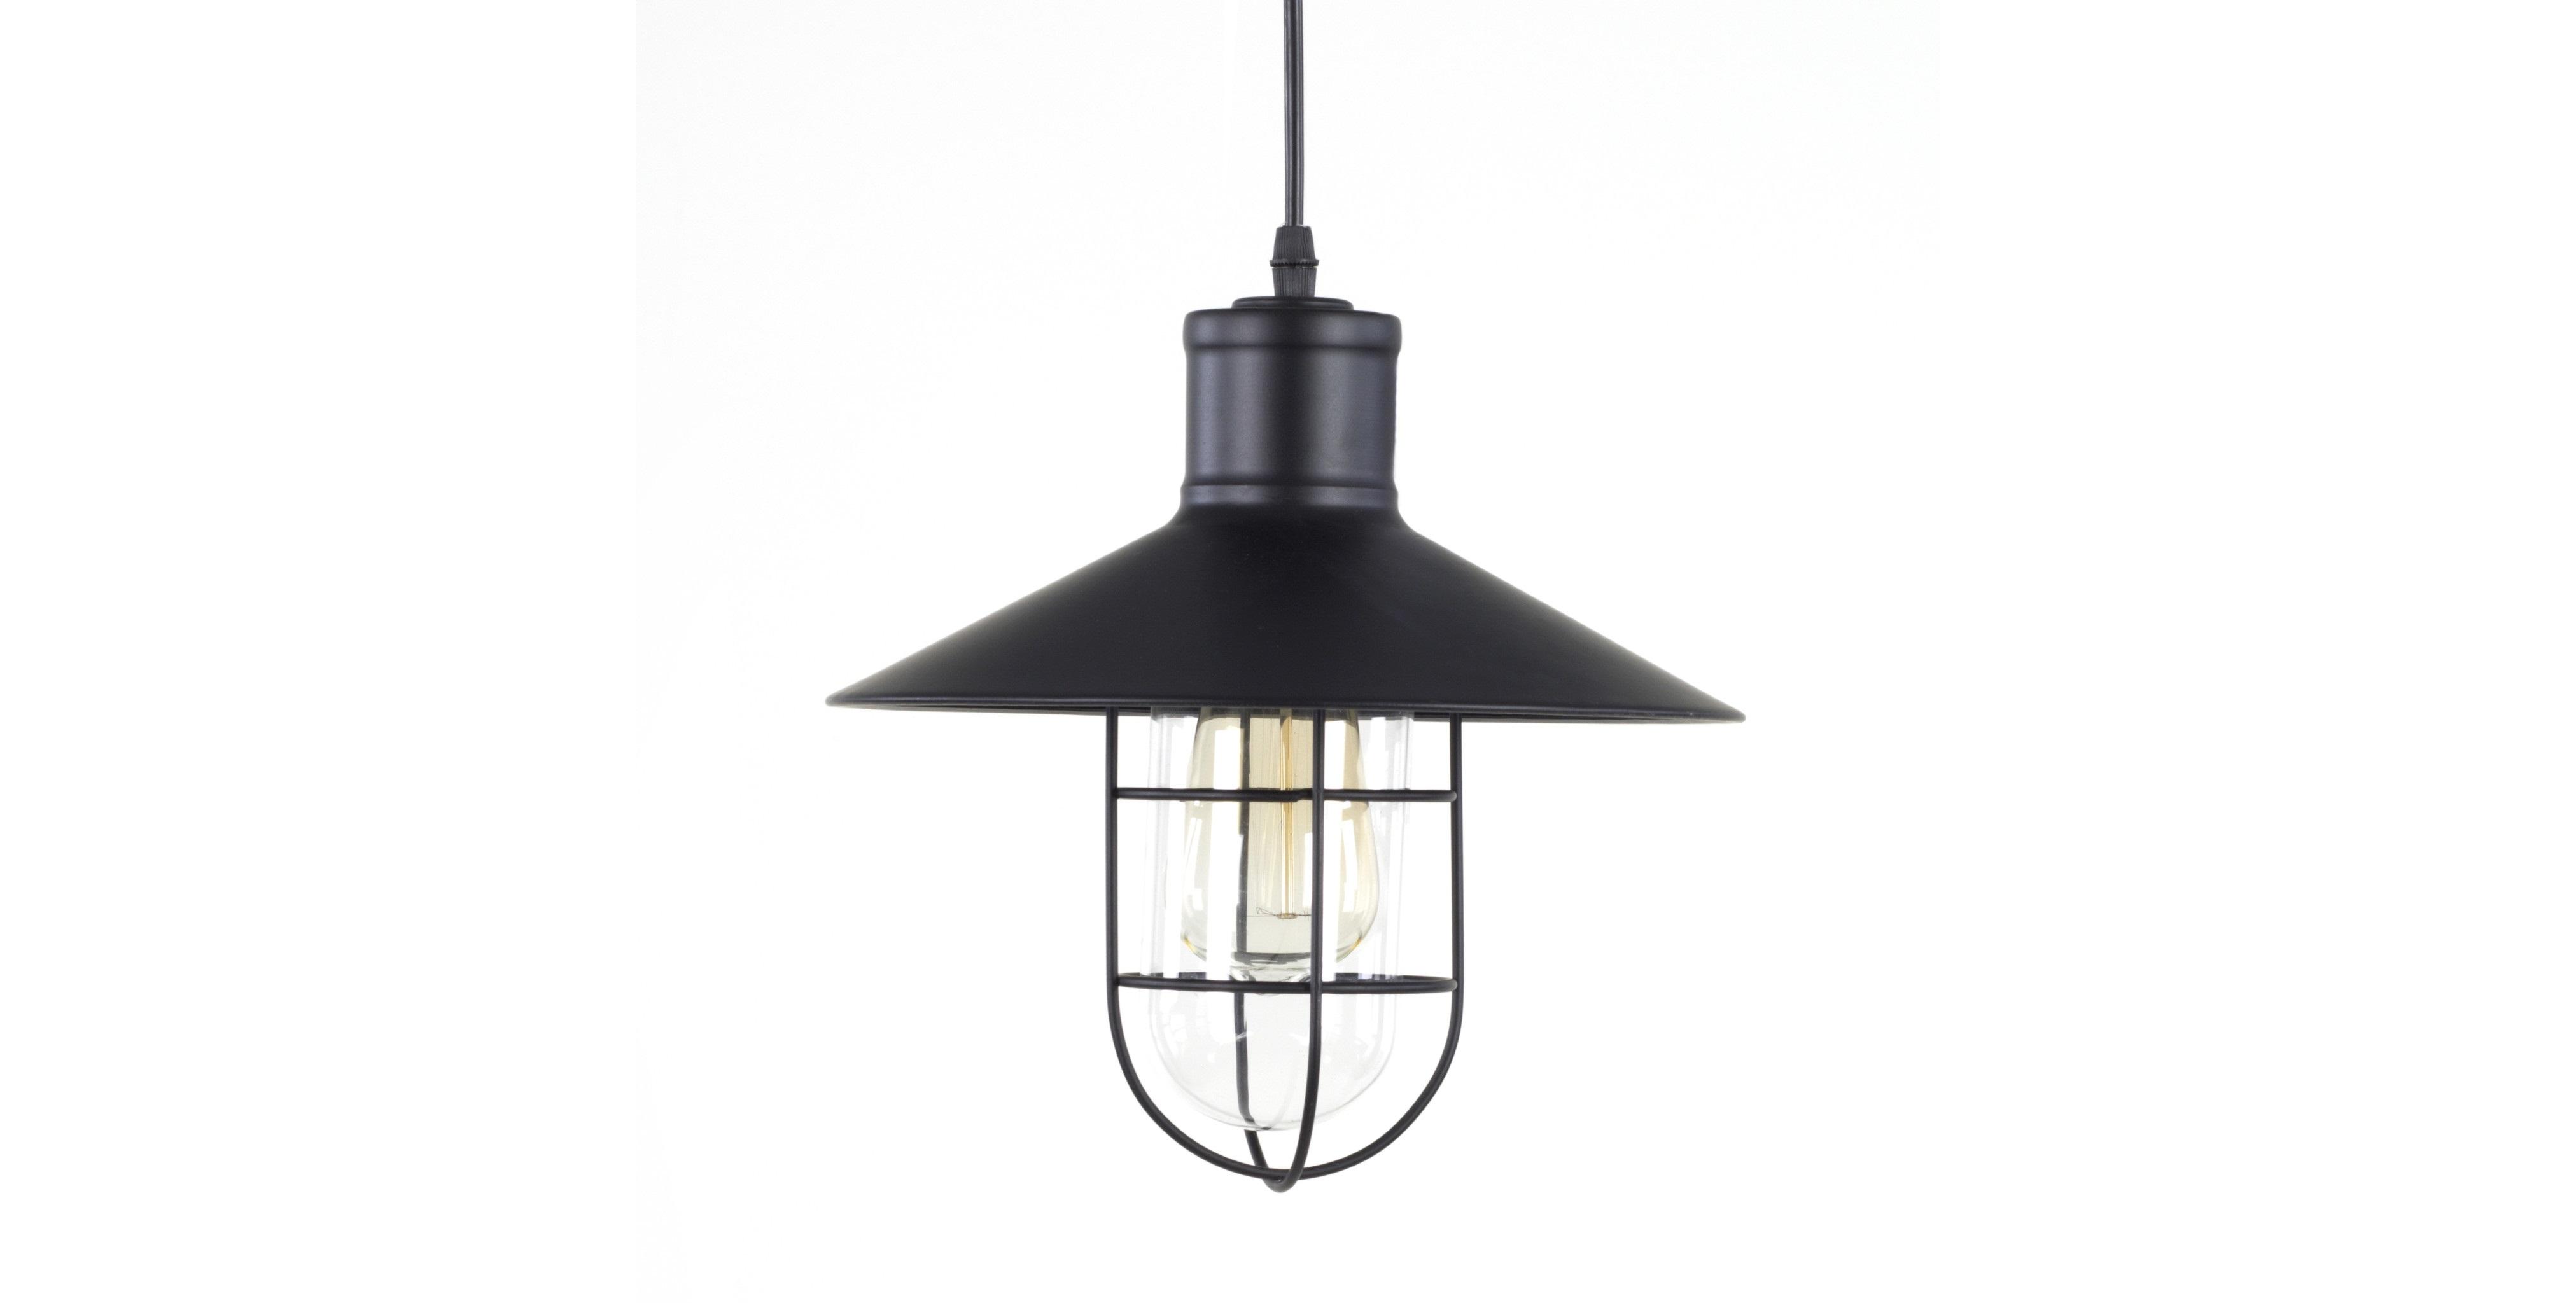 Лампа потолочная PaviaПодвесные светильники<br>Позвольте этой лампе наполнить облик террасы или веранды не только мягким светом, но и очарованием лофта. Она выглядит как старинные газовые фонари, которые были на пике популярности в 20-х годах ушедшего столетия. Сегодня такая лампа известна как &amp;quot;фишерман&amp;quot;. Она выступает в роли великолепного дополнения промышленных интерьеров, где приветствуется брутальная строгость и винтажный аскетизм.&amp;lt;div&amp;gt;&amp;lt;br&amp;gt;&amp;lt;/div&amp;gt;&amp;lt;div&amp;gt;1 лампа.&amp;lt;/div&amp;gt;&amp;lt;div&amp;gt;Цоколь: Е27.&amp;lt;/div&amp;gt;&amp;lt;div&amp;gt;Мощность: 100W.&amp;lt;/div&amp;gt;&amp;lt;div&amp;gt;Длина кабеля: 150 см.&amp;lt;/div&amp;gt;<br><br>Material: Металл<br>Width см: 27<br>Depth см: 28<br>Height см: None